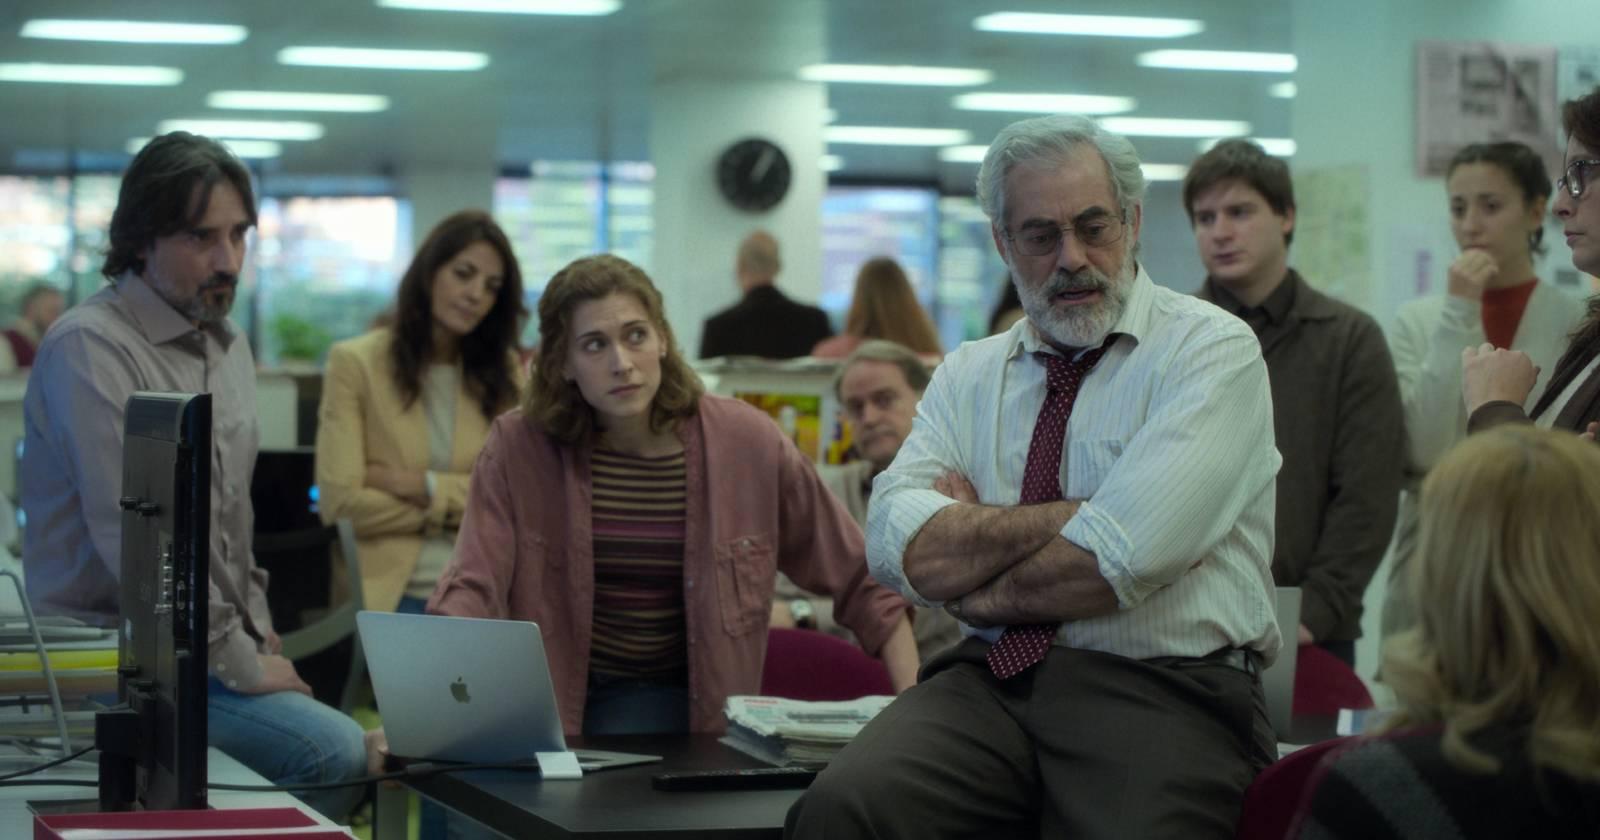 Los Favoritos de Midas, Mónica y sus compañeros escuchan a su jefe hablar sobre la situación del periódico